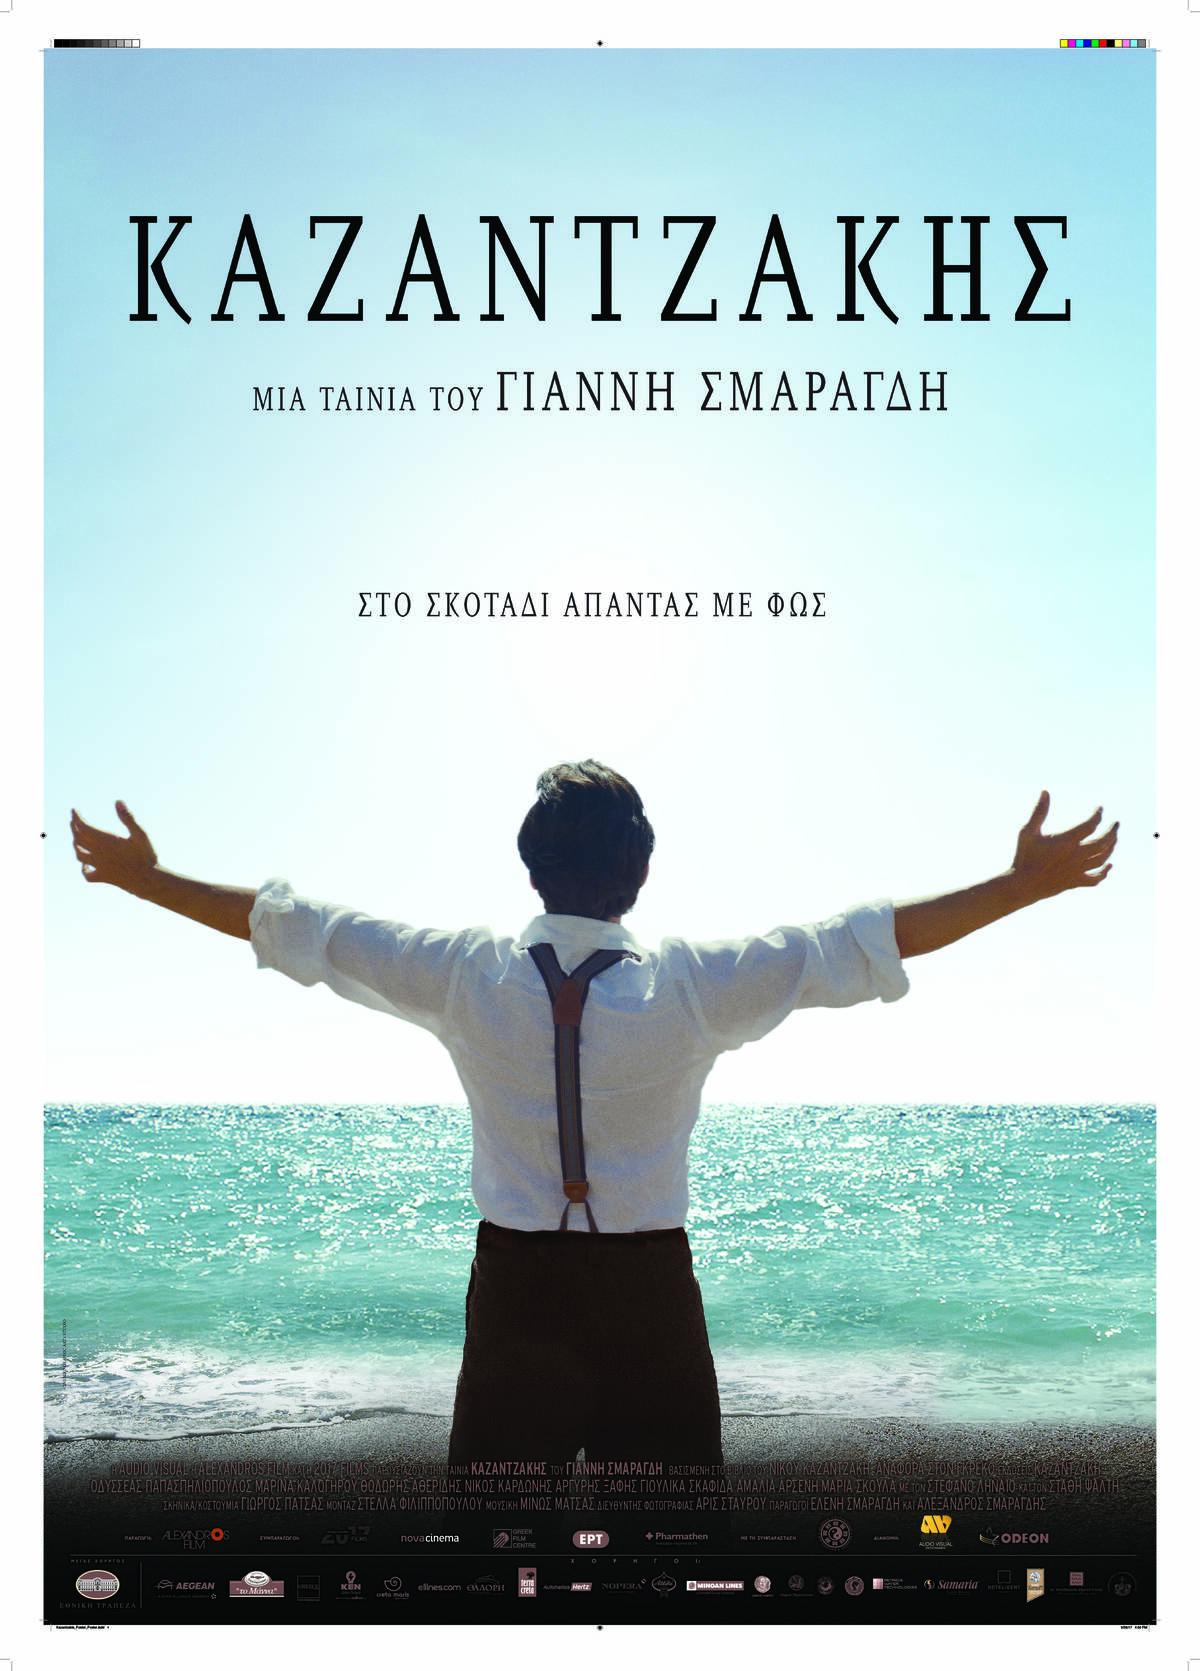 Kazantzakis Poster Poster